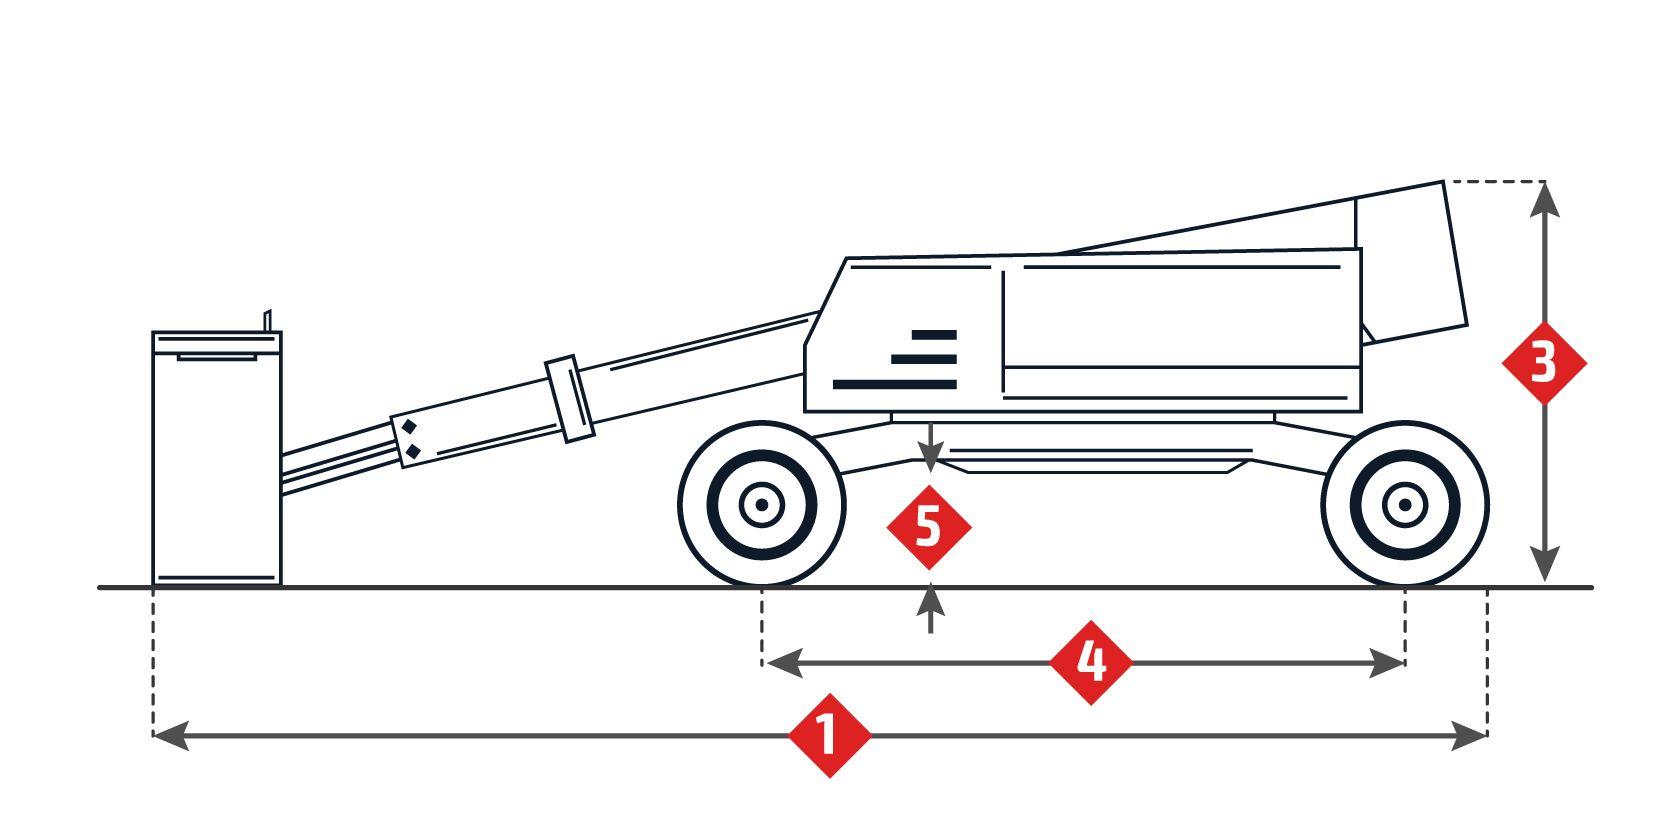 Plataformas articuladas diesel 16 Metros Haulotte HA16 PX